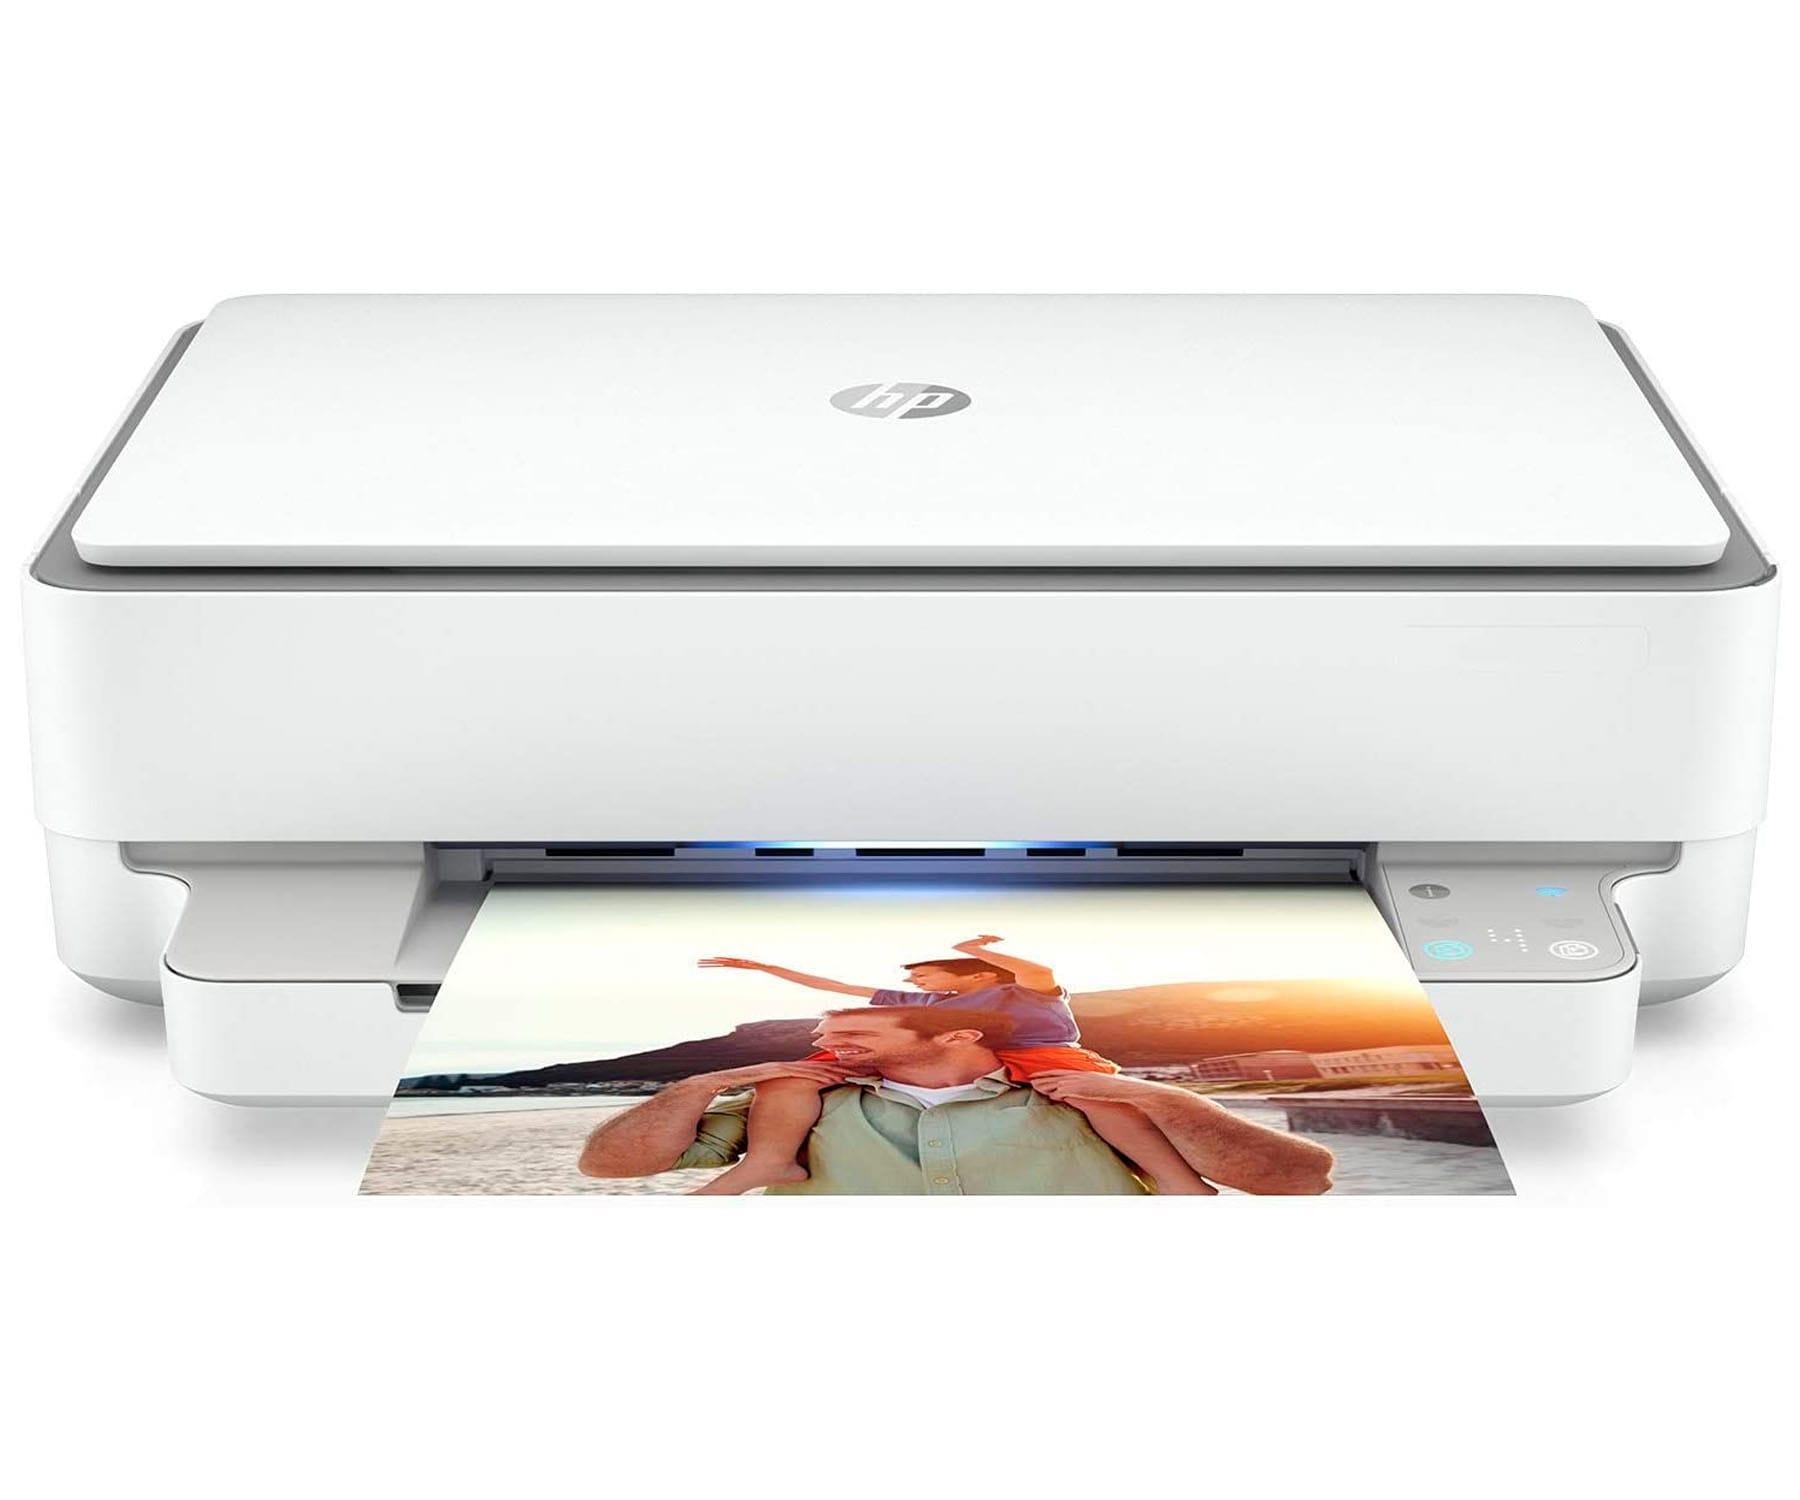 HP ENVY 6020 IMPRESORA INALÁMBRICA WIFI MULTIFUNCIÓN: IMPRESIÓN, COPIA Y ESCÁNER